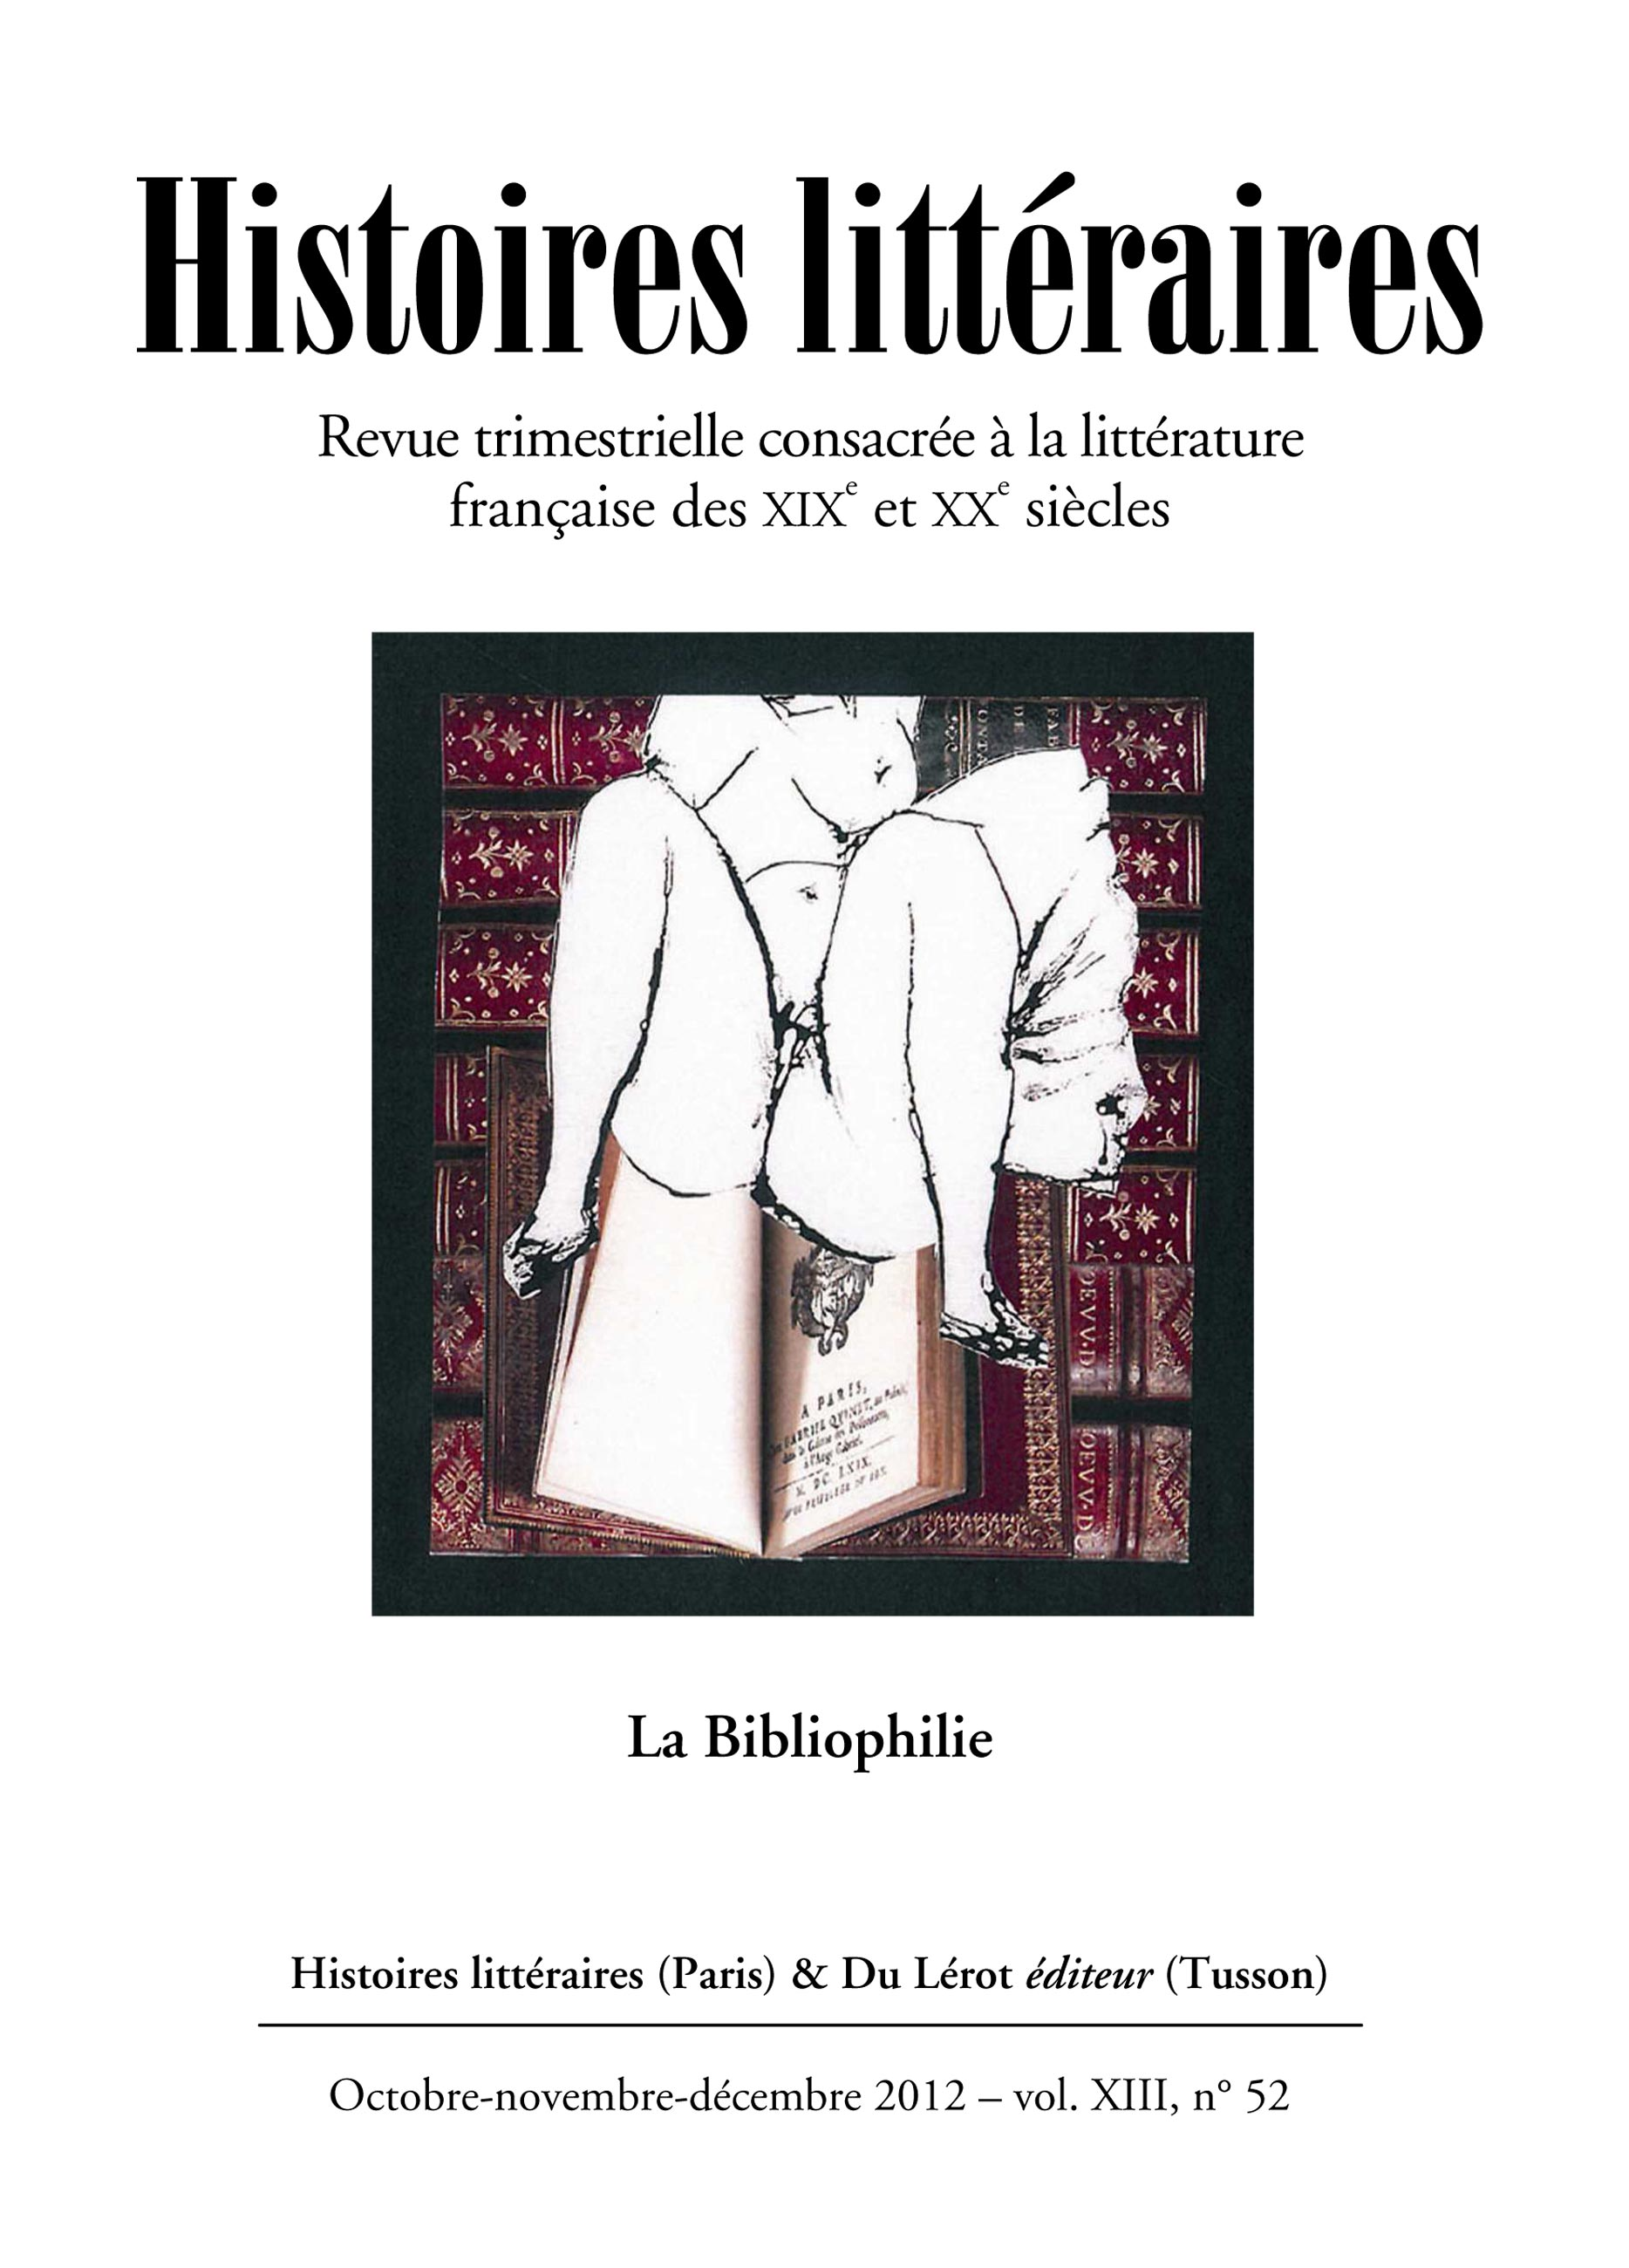 Couverture d'Histoires littéraires n°52